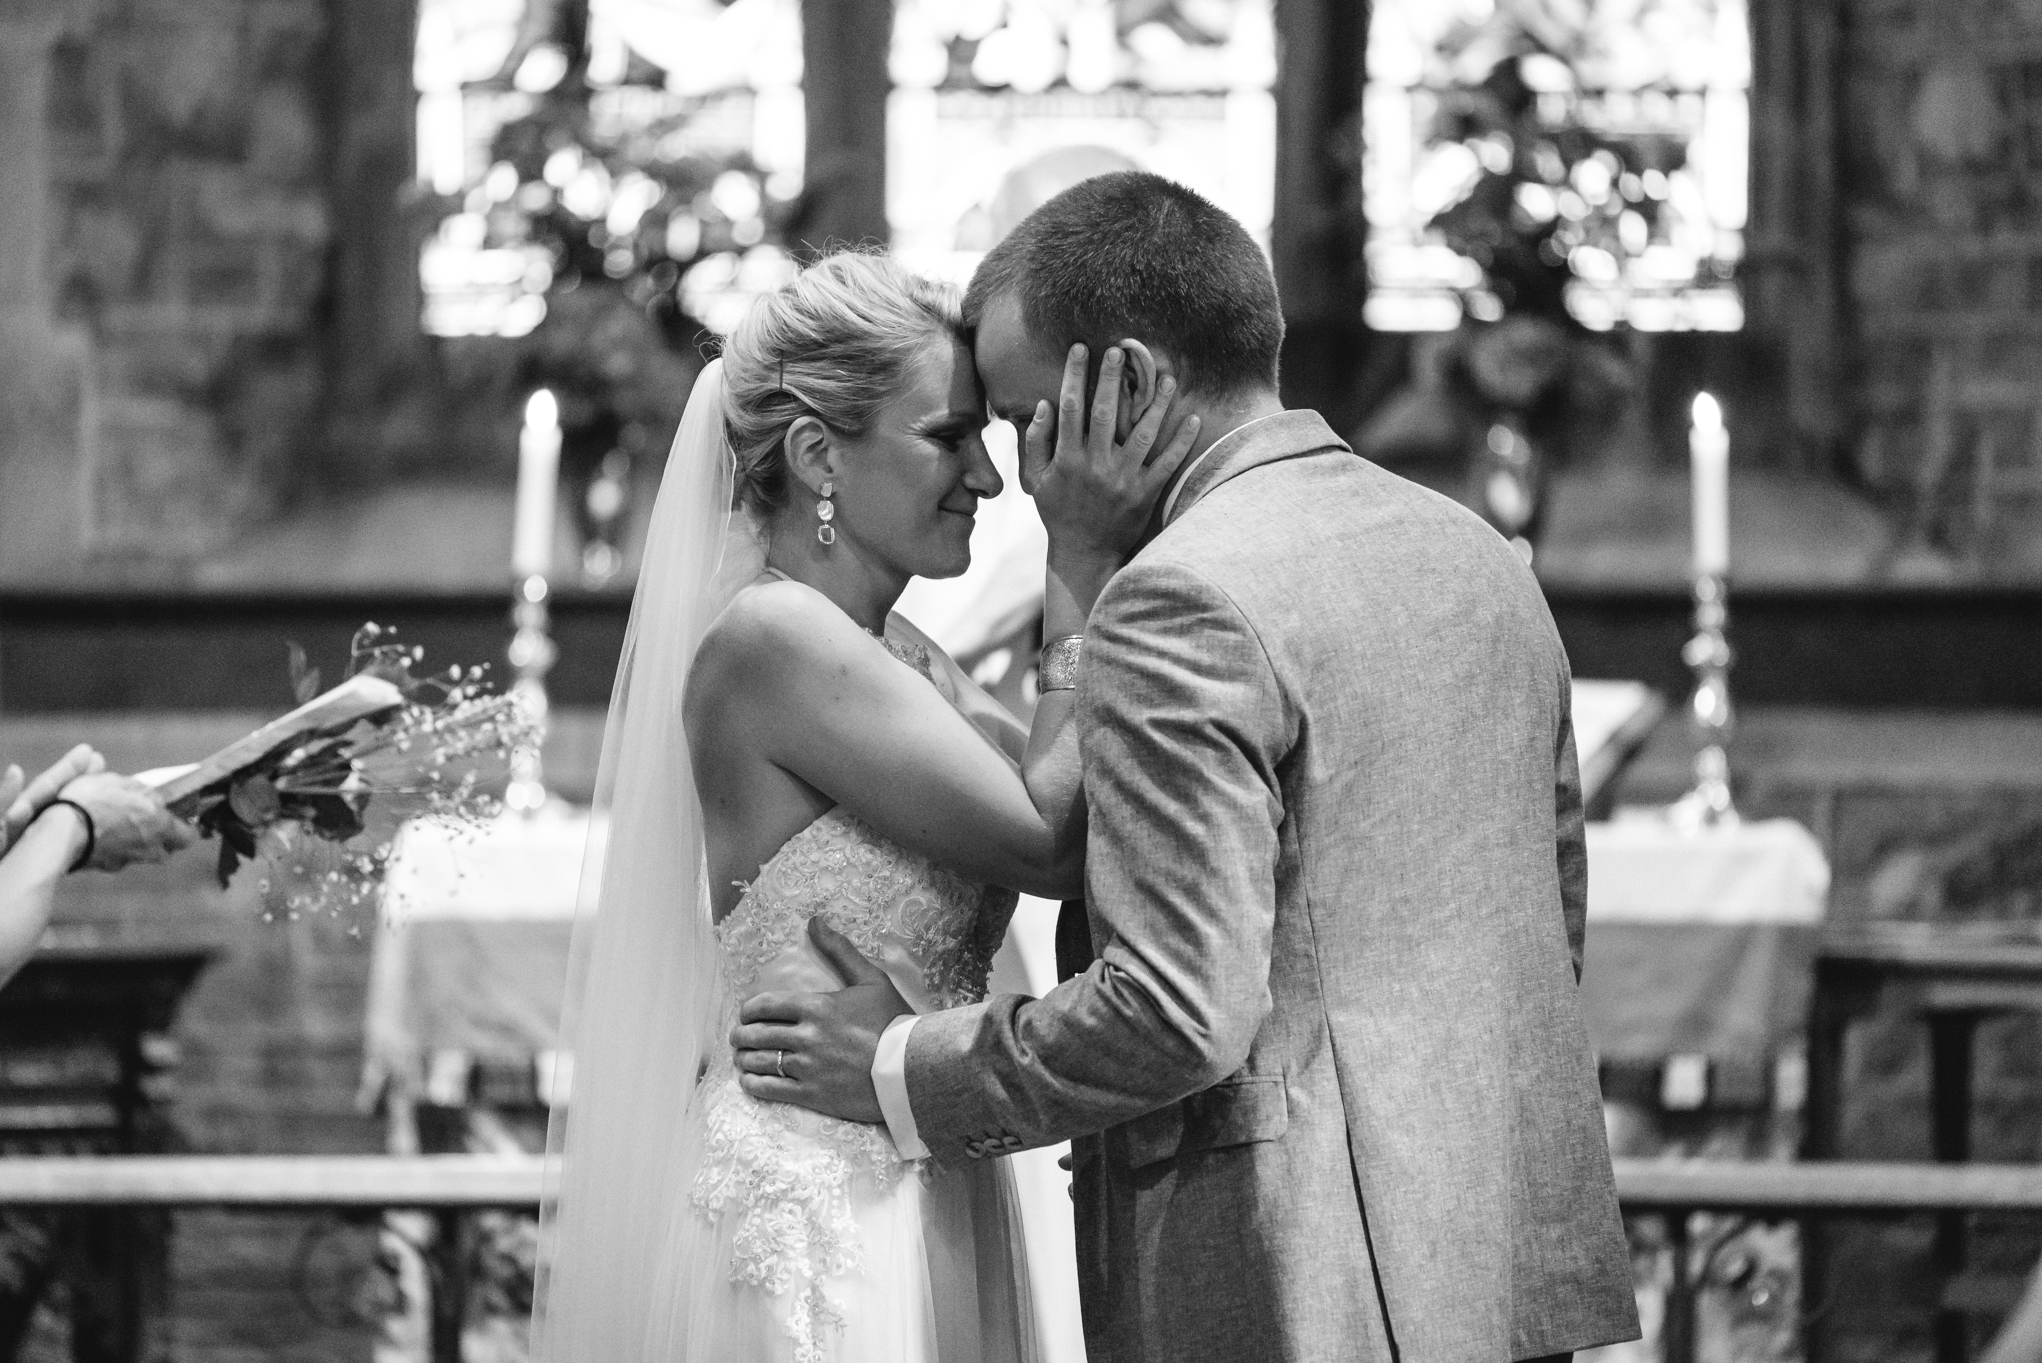 Copy of Church Wedding Ceremony Bride & Groom